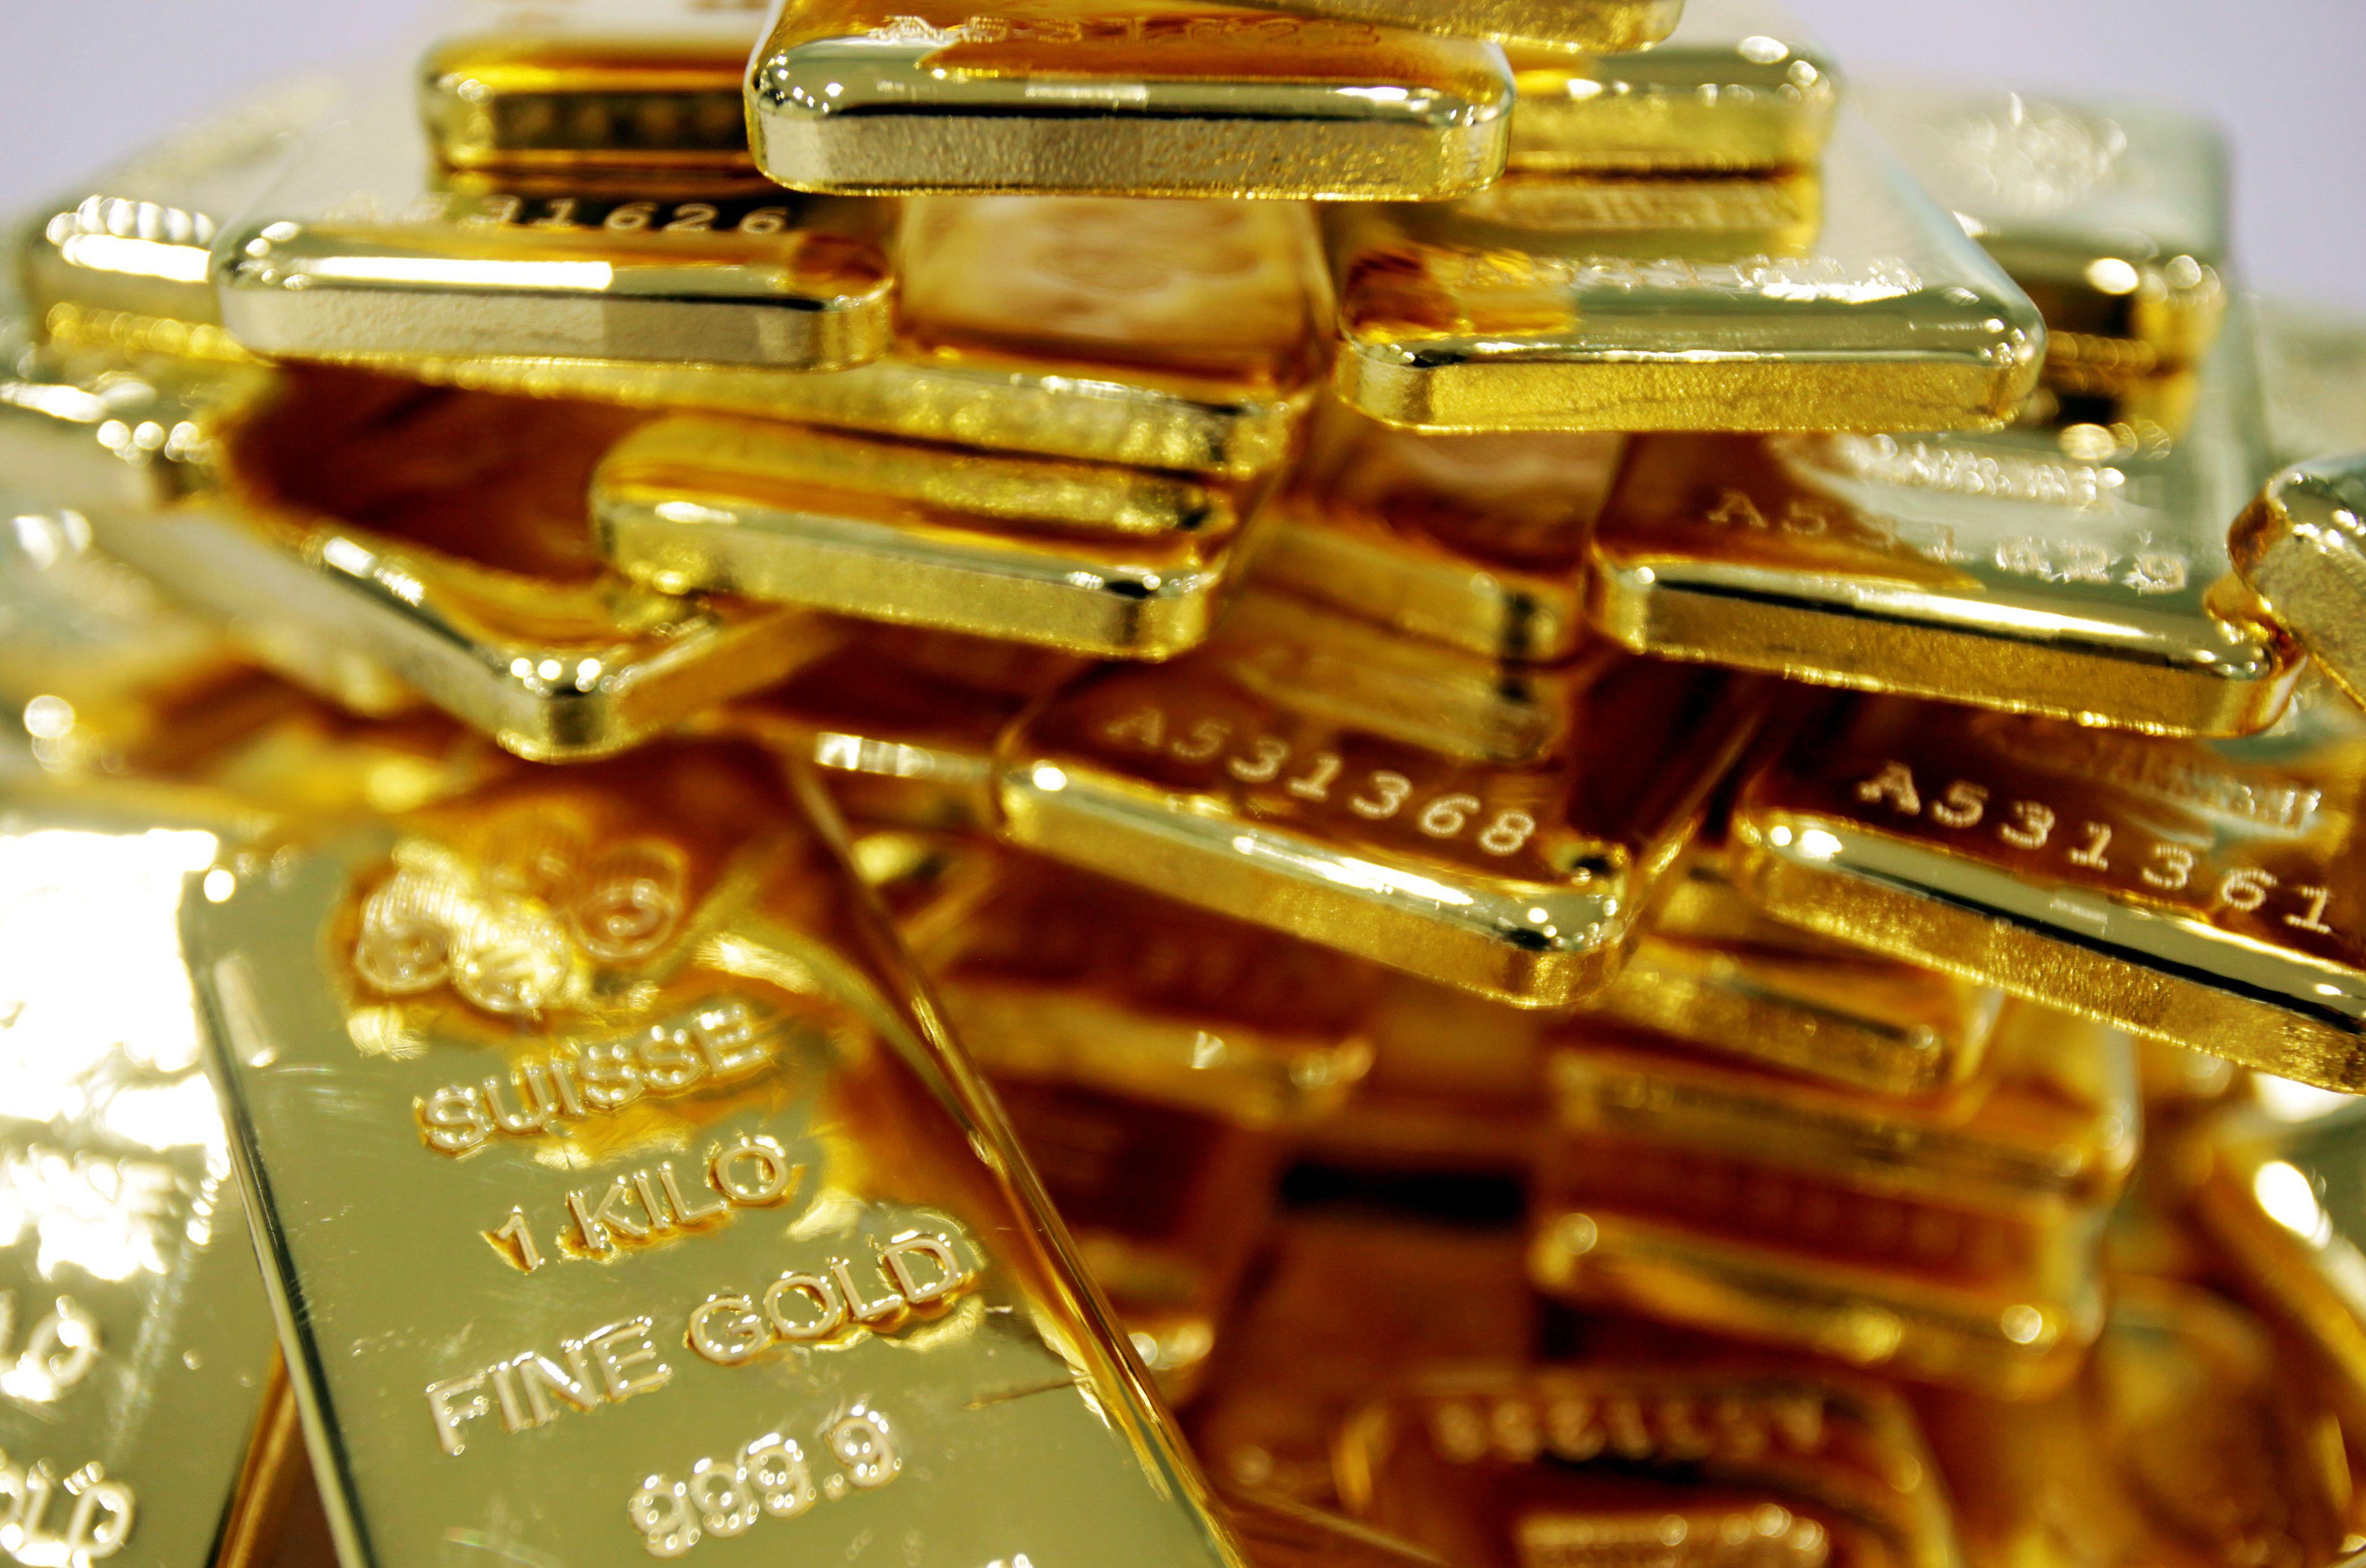 vàng là thước đo của nỗi sợ hãi của thị trường hiện nay